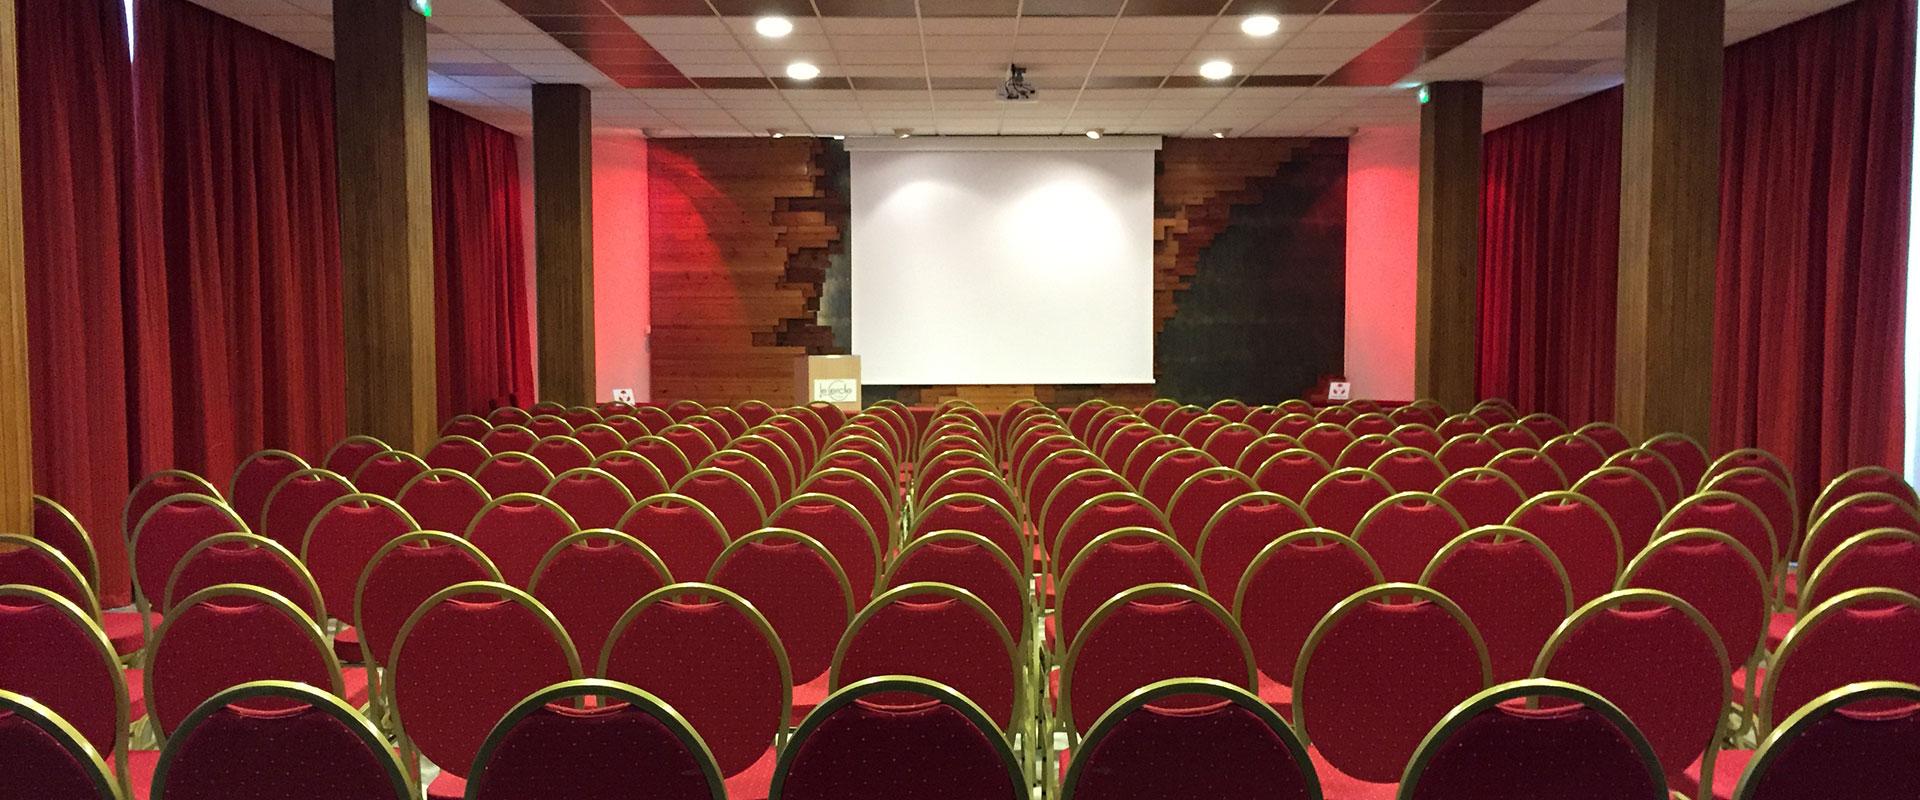 Salle de réunion de l'hôtel Le Cercle à Cherbourg